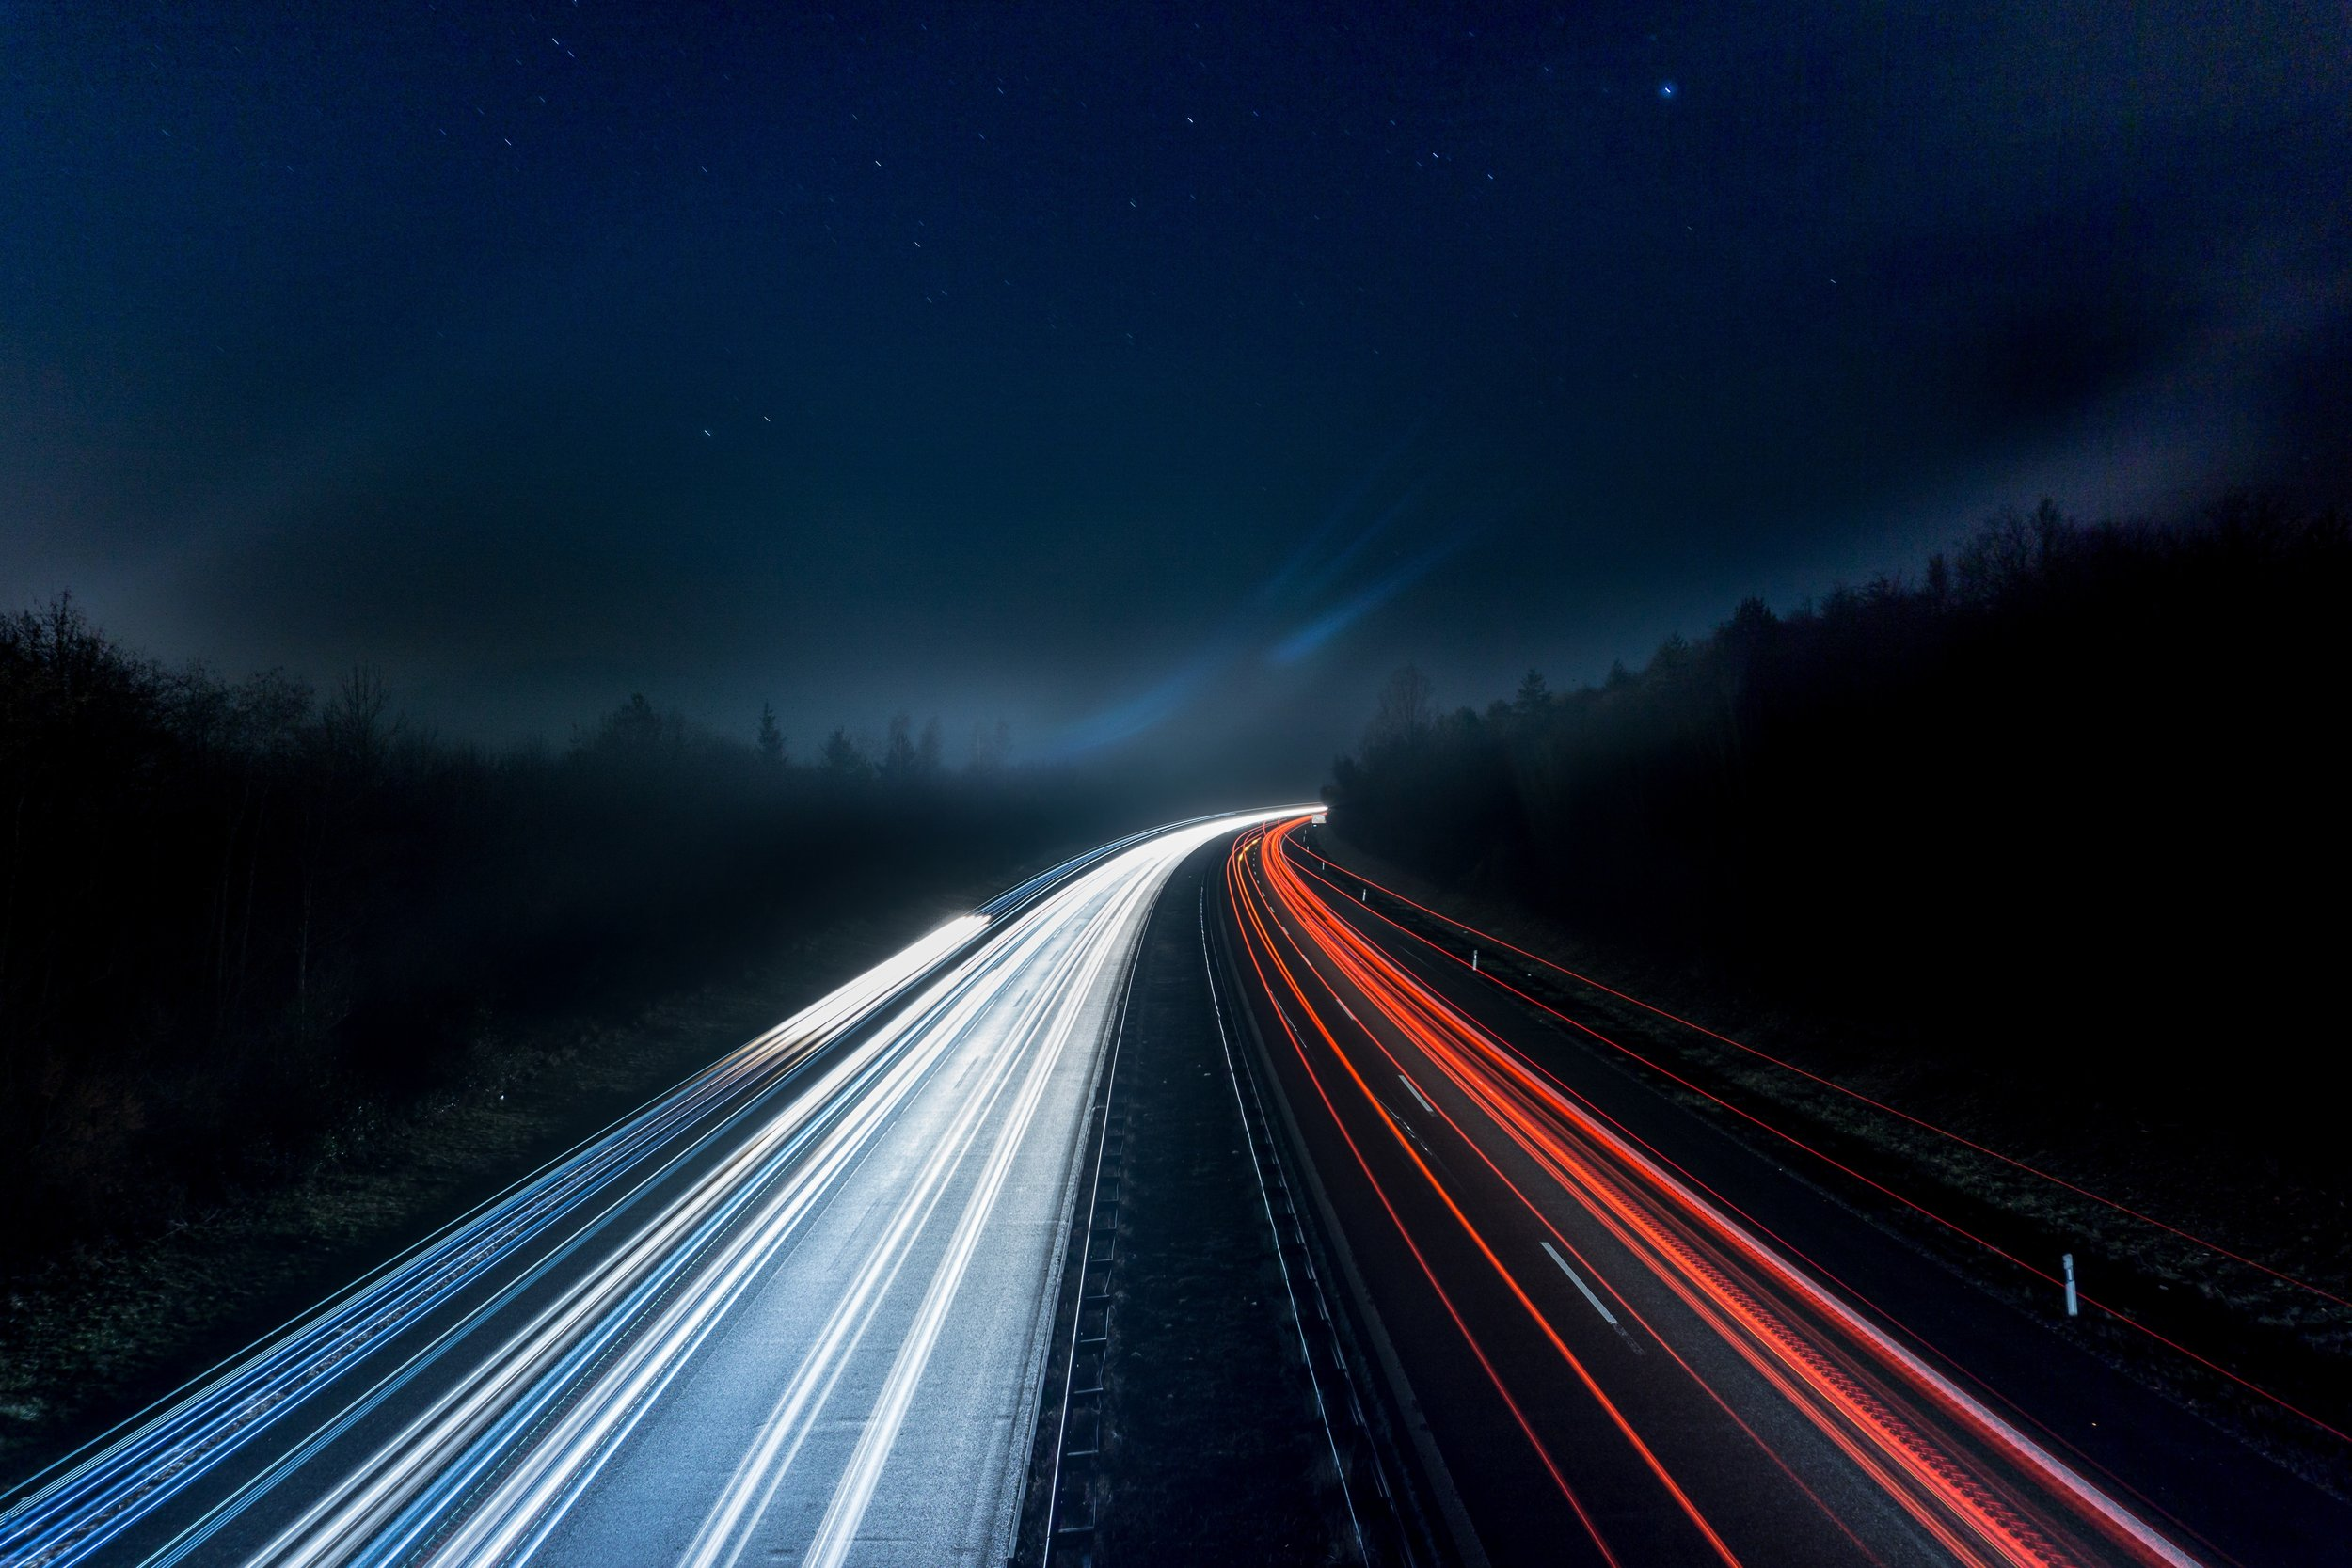 action-asphalt-back-light-315938.jpg